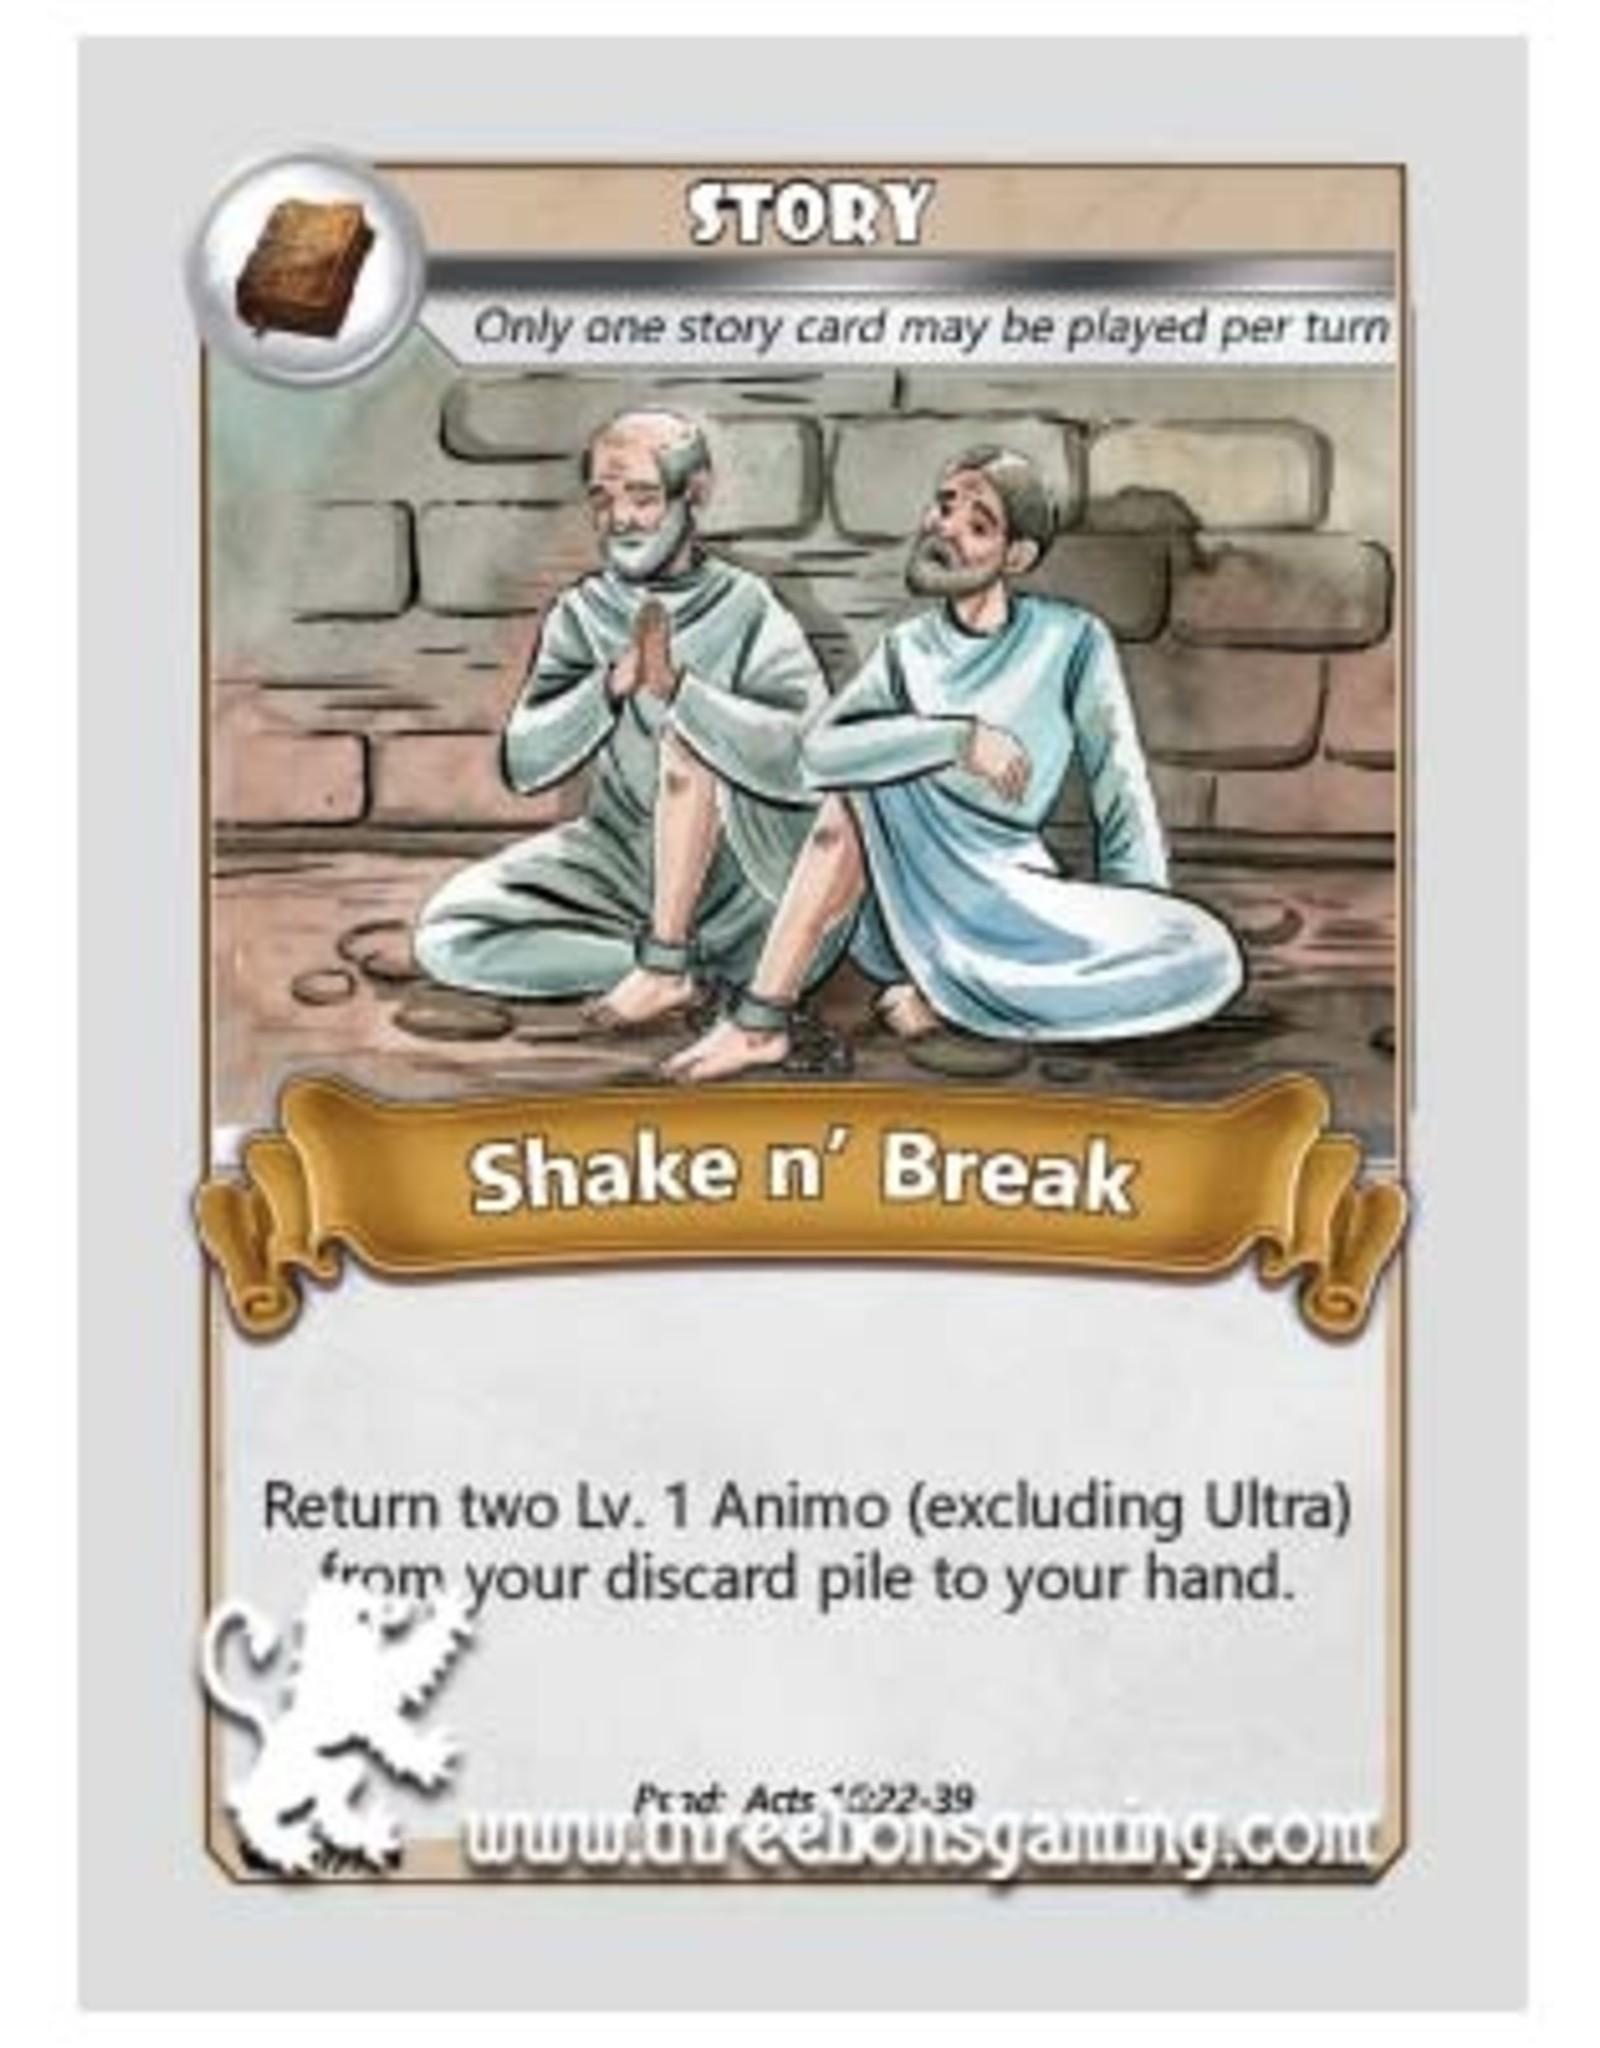 CT: Shake N' Break